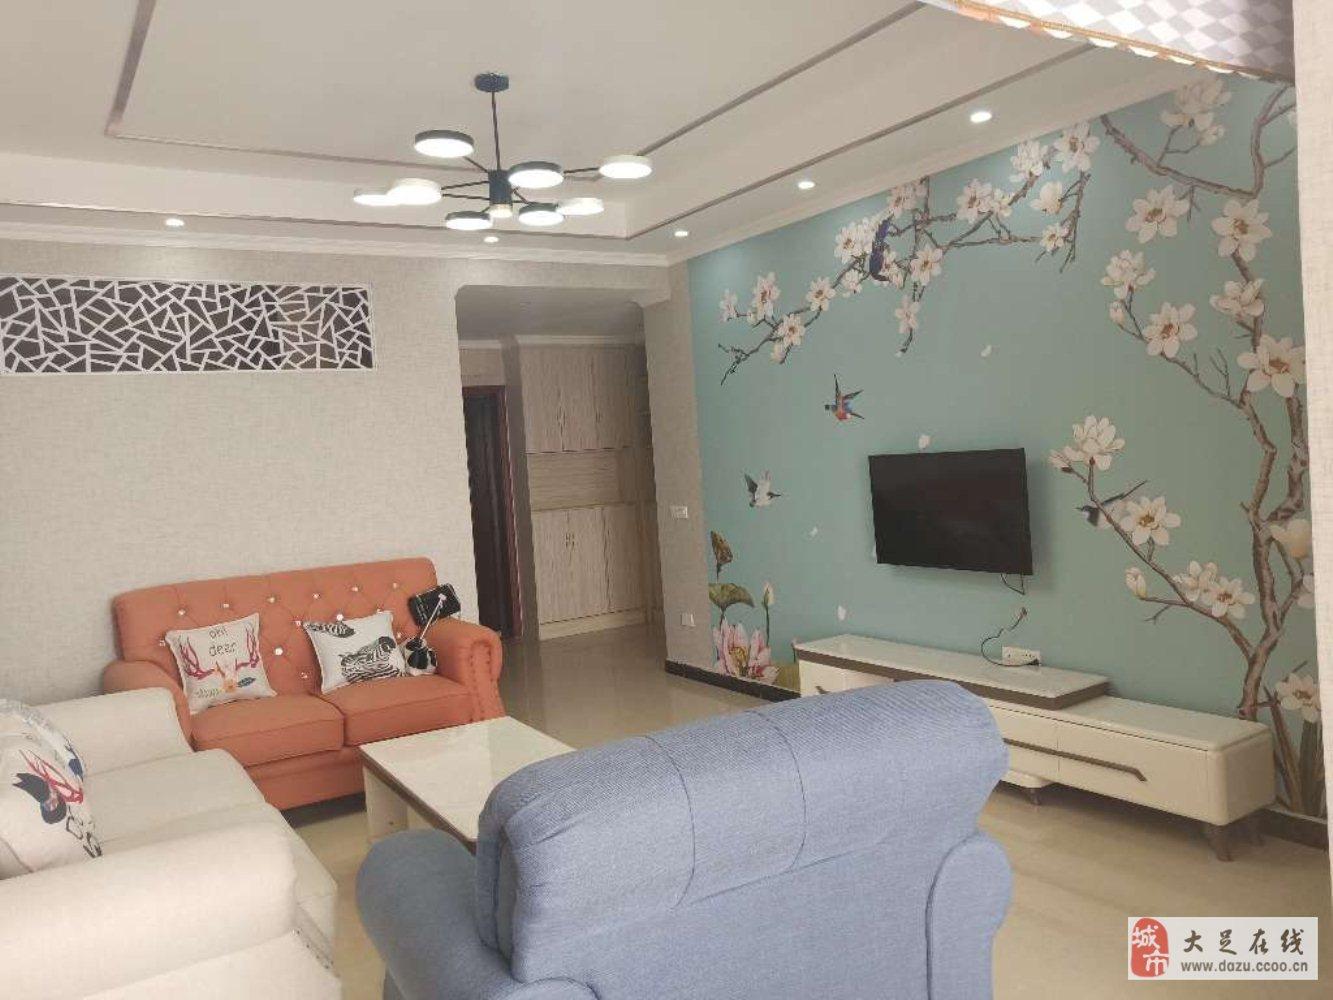 大足龙水中心位置宝马苑3室2厅1卫40万元学区